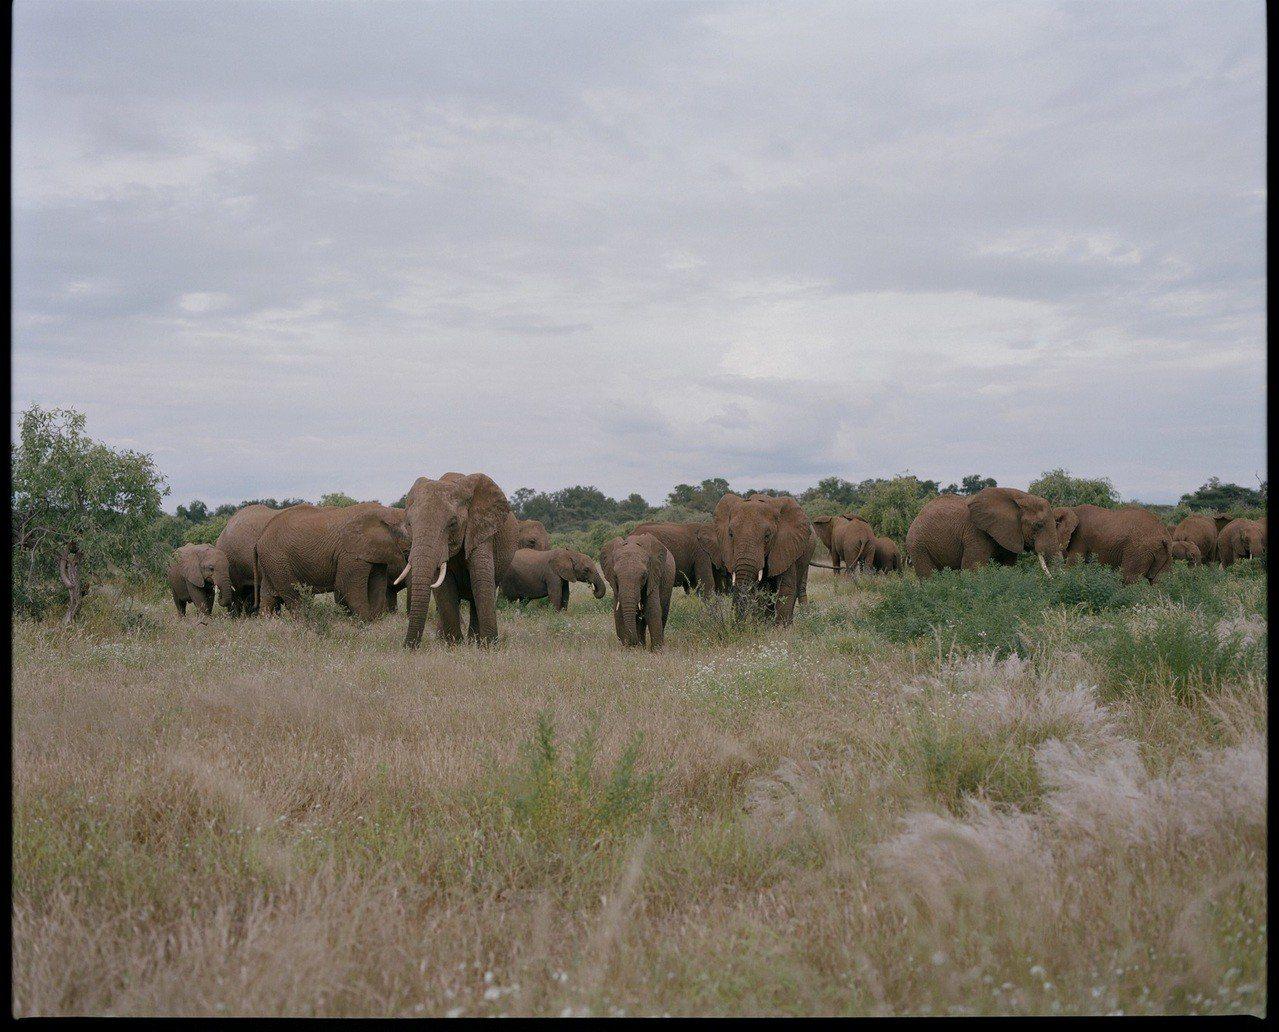 肯亞桑布魯國家保護區(Samburu National Reserve)的象群。...